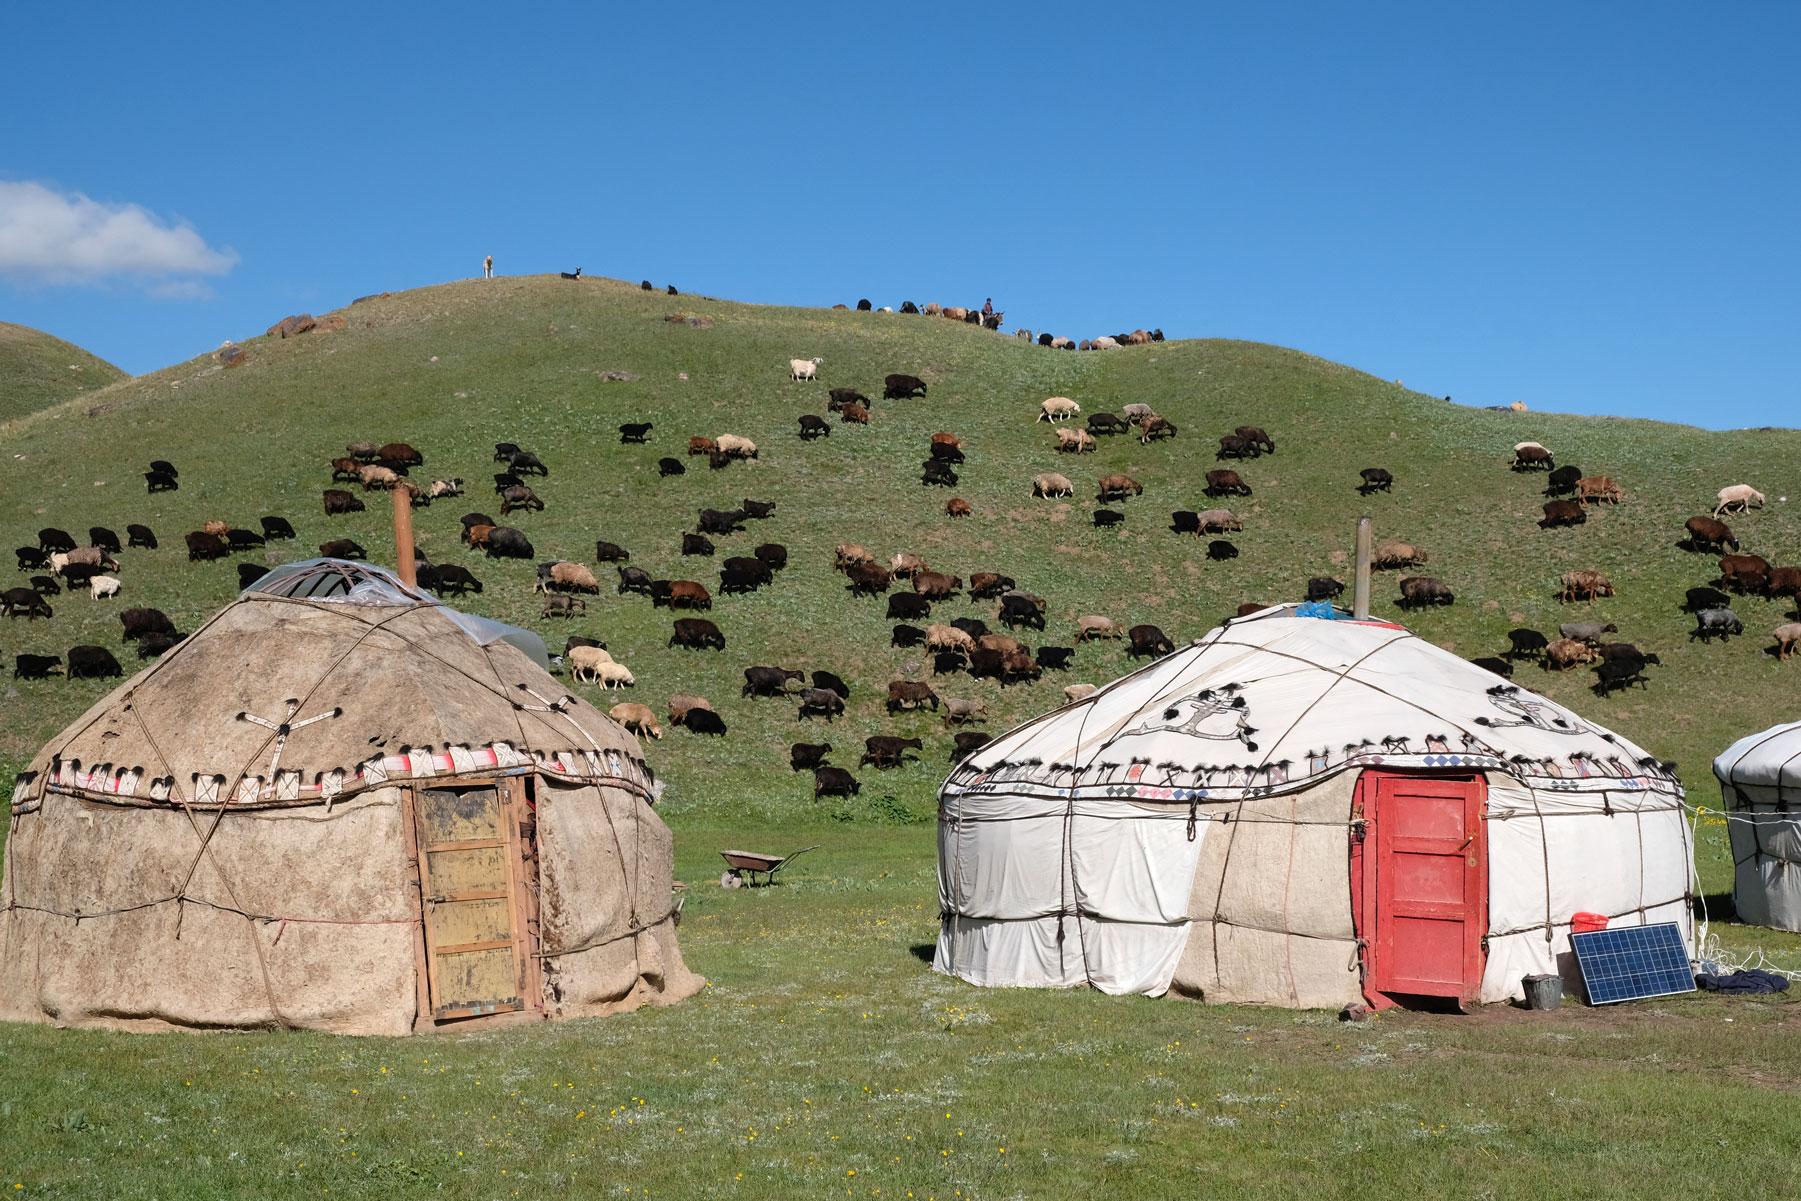 Eine Schafherde zieht an kirgisischen Jurten vorbei.